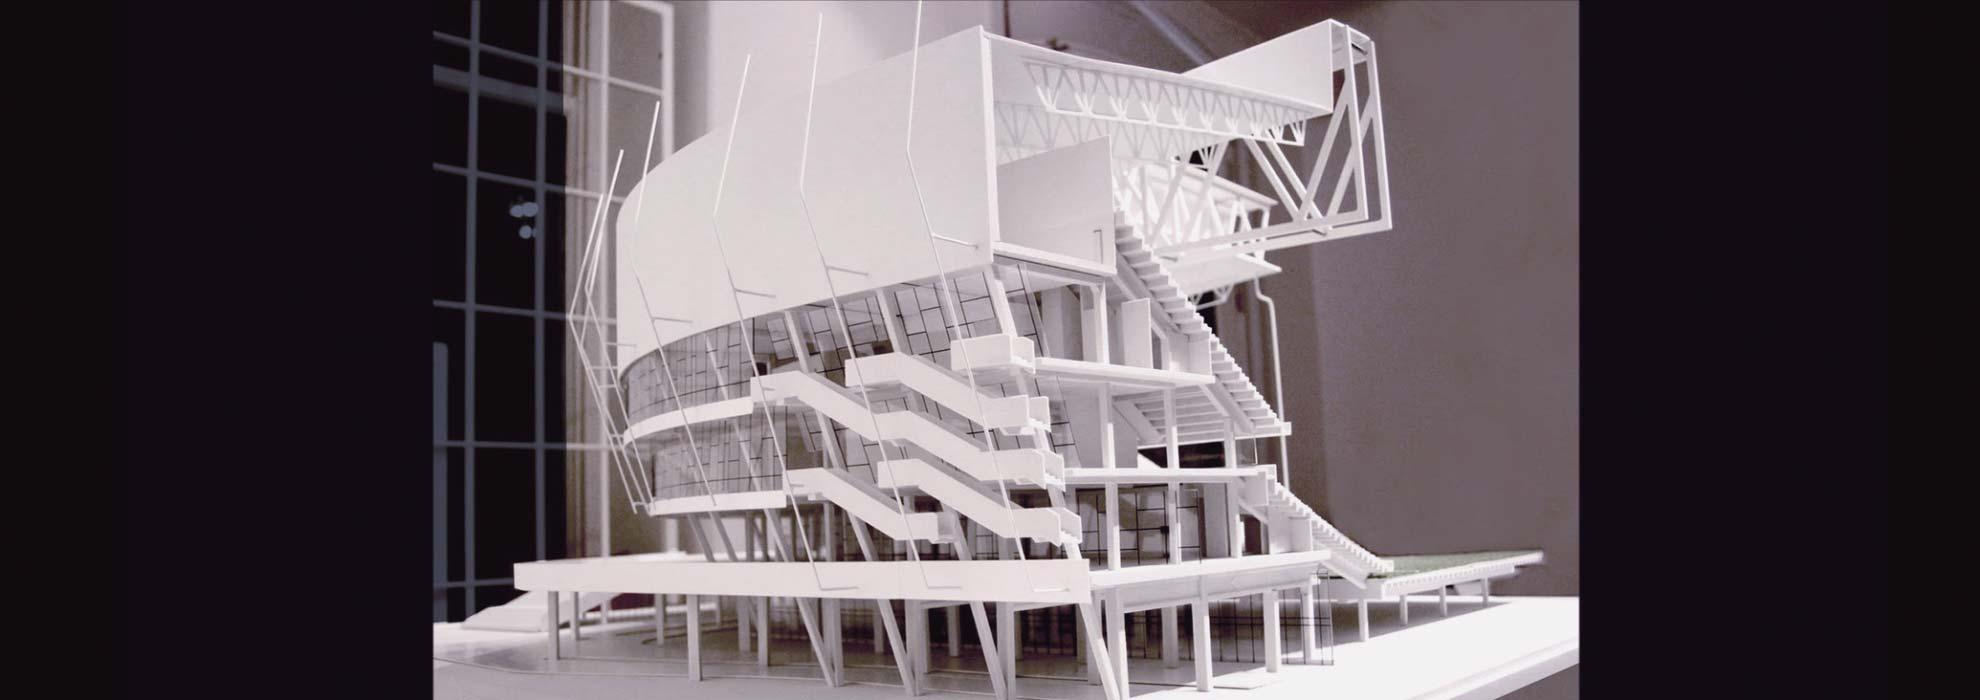 Модель проекта здания